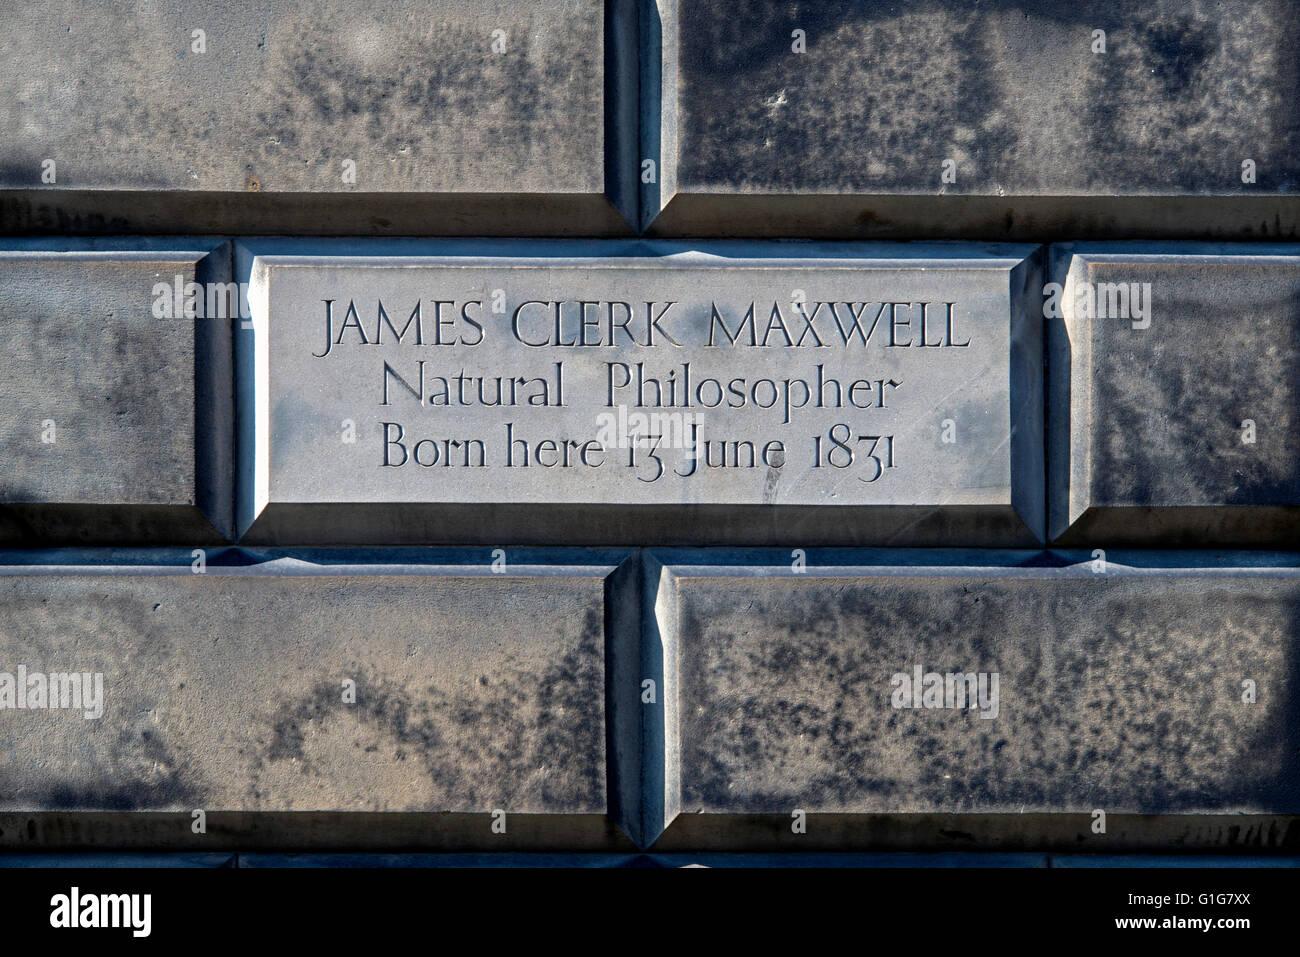 L'inscription sur le mur du 14 rue de l'Inde, le lieu de naissance de James Clerk Maxwell (1831-79). Photo Stock